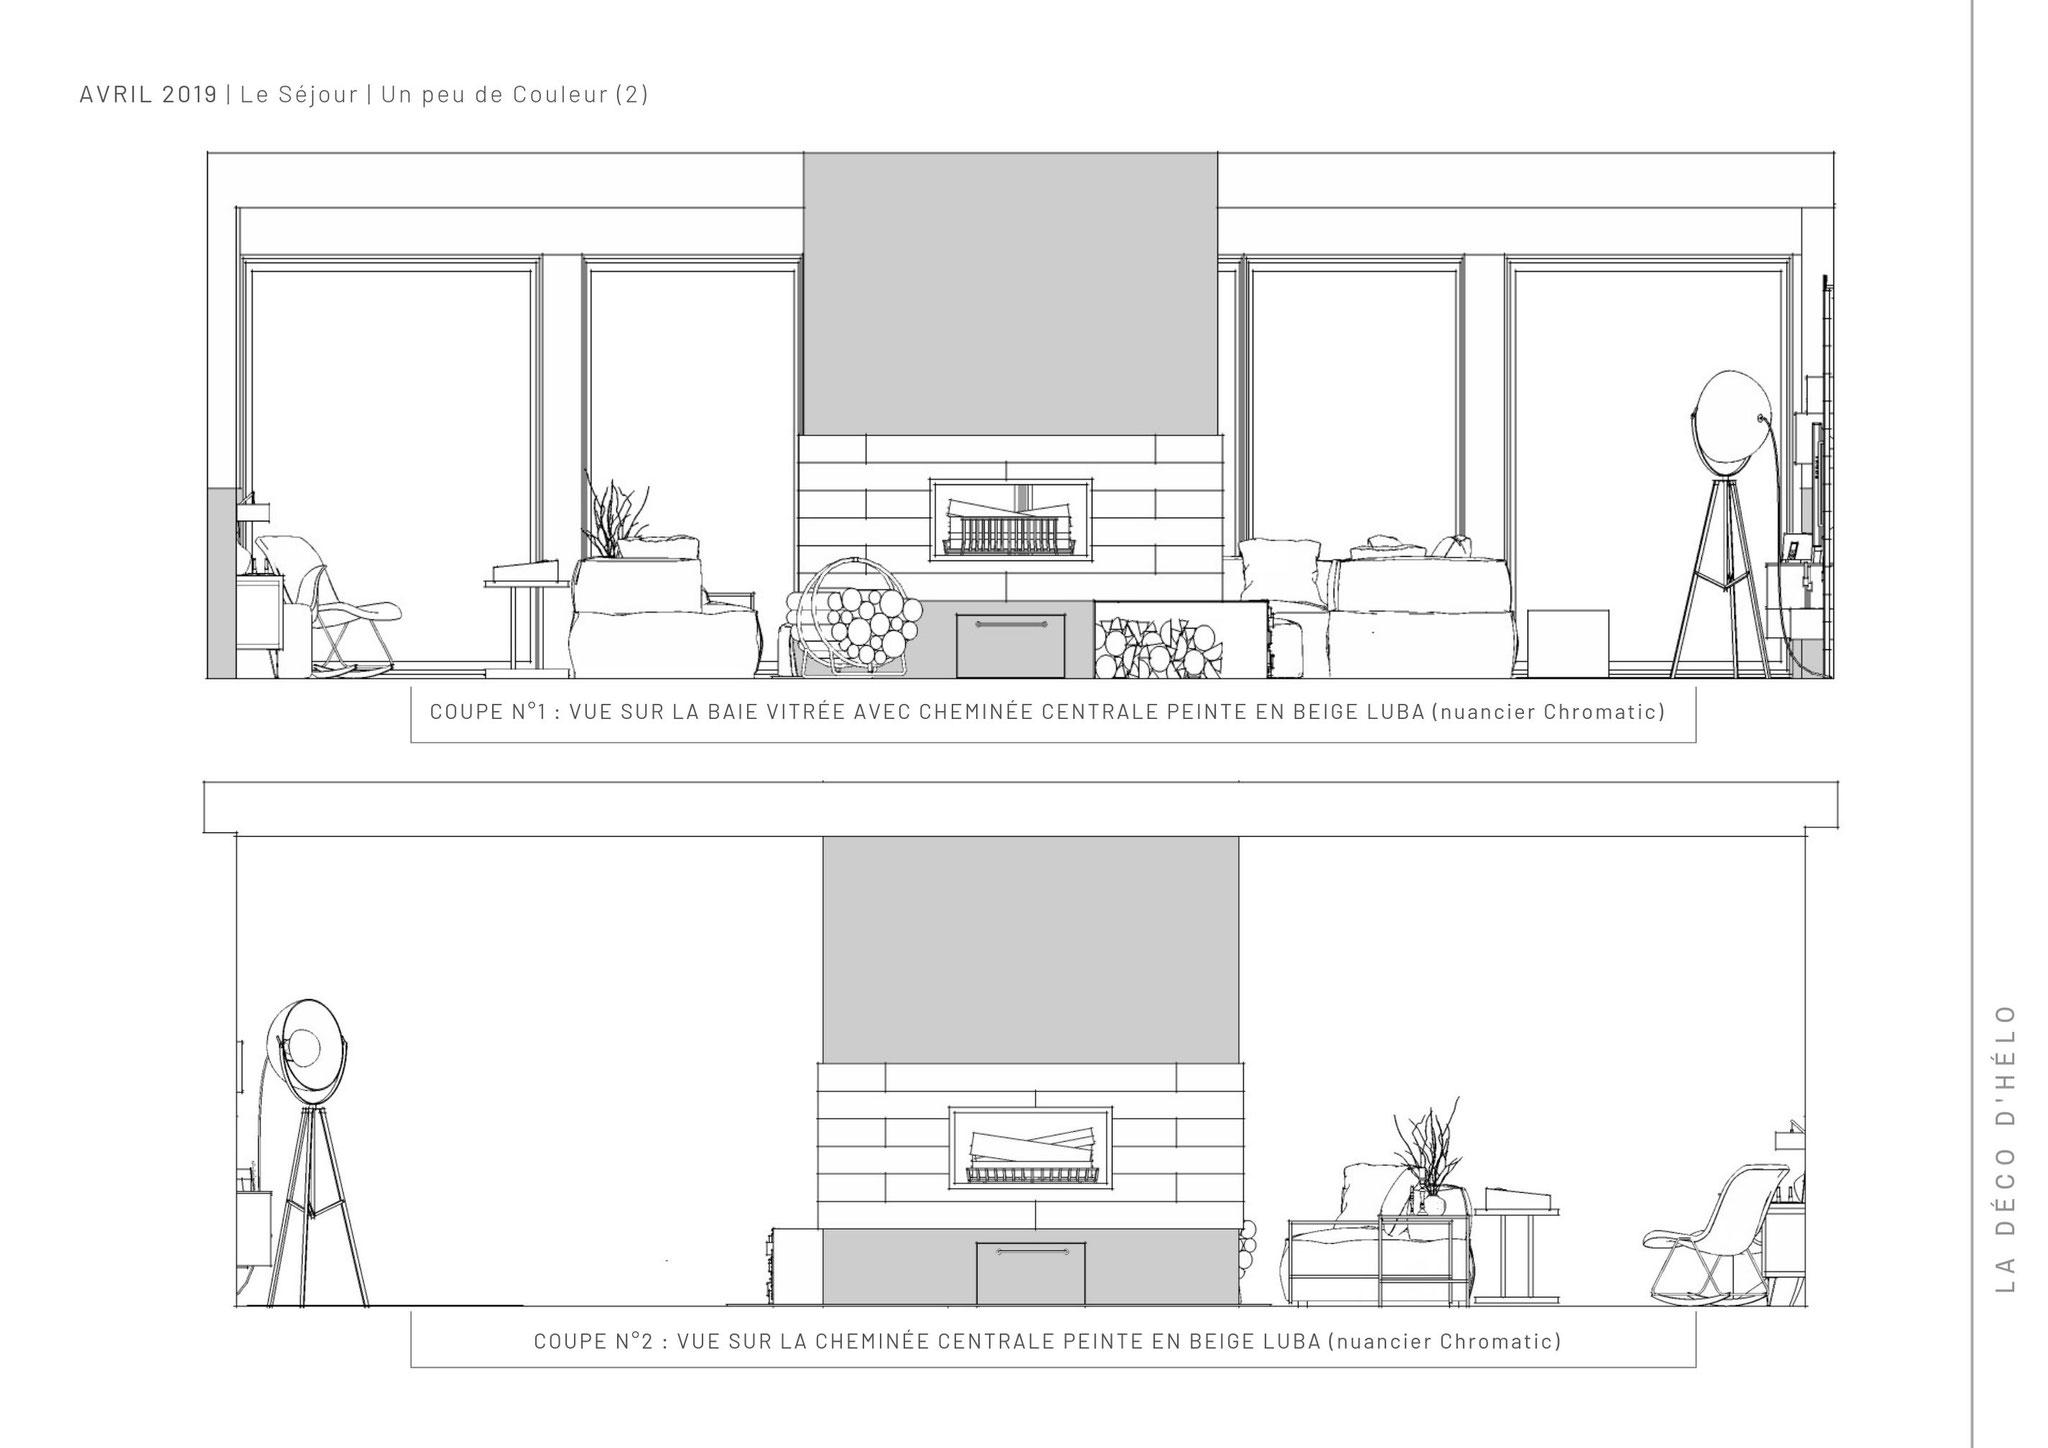 Projet Chamrousse (3/3) © 2020 La Déco d'Hélo, conseil en décoration intérieure à Grenoble